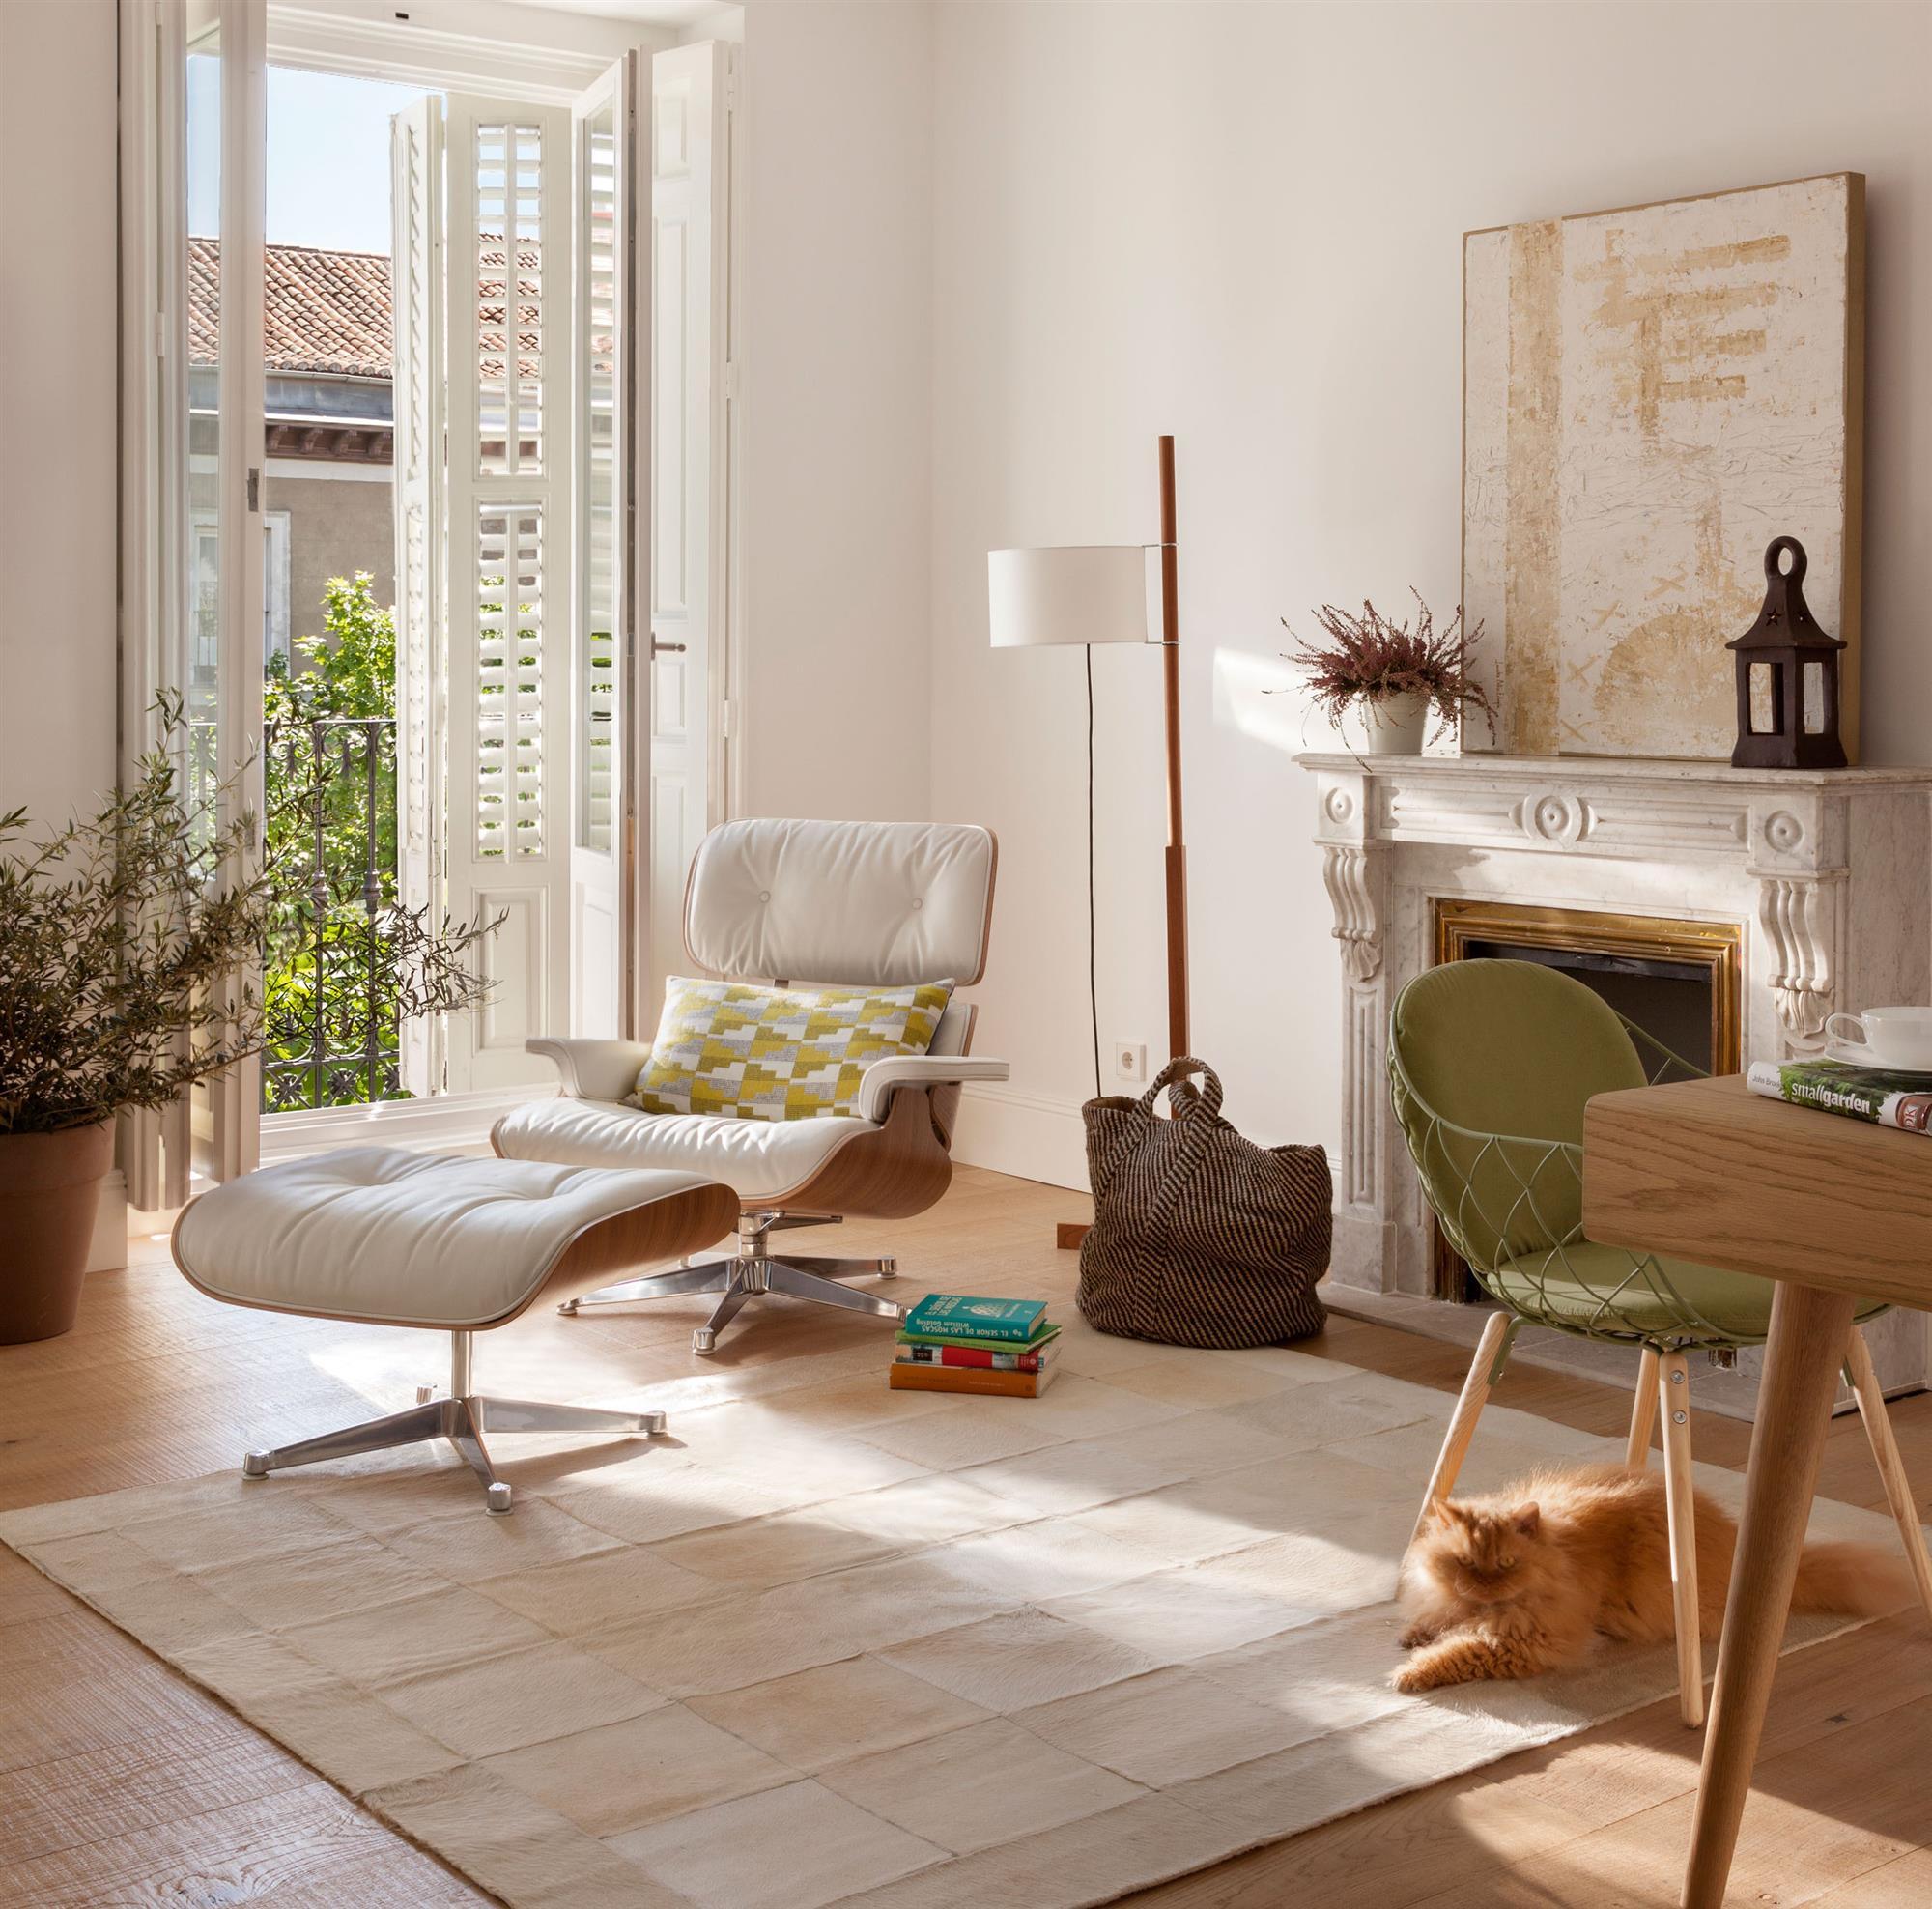 Como En Casa: Cómo Decorar La Casa Para Ser Más Feliz